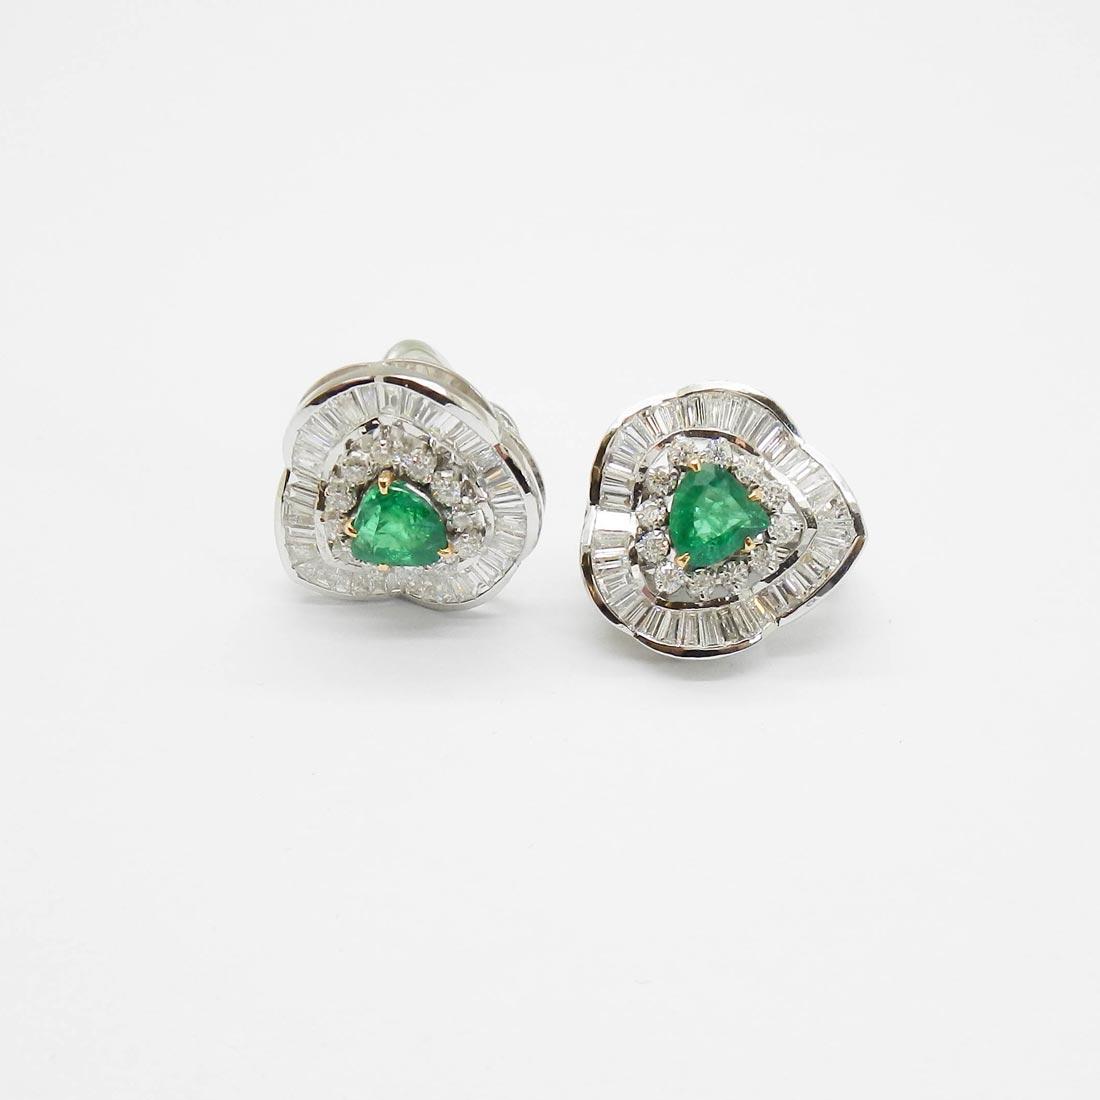 il-marchese-diamonds-diamanti-gioielli-artigianali-orecchini-smeraldo-oro-bianco-1